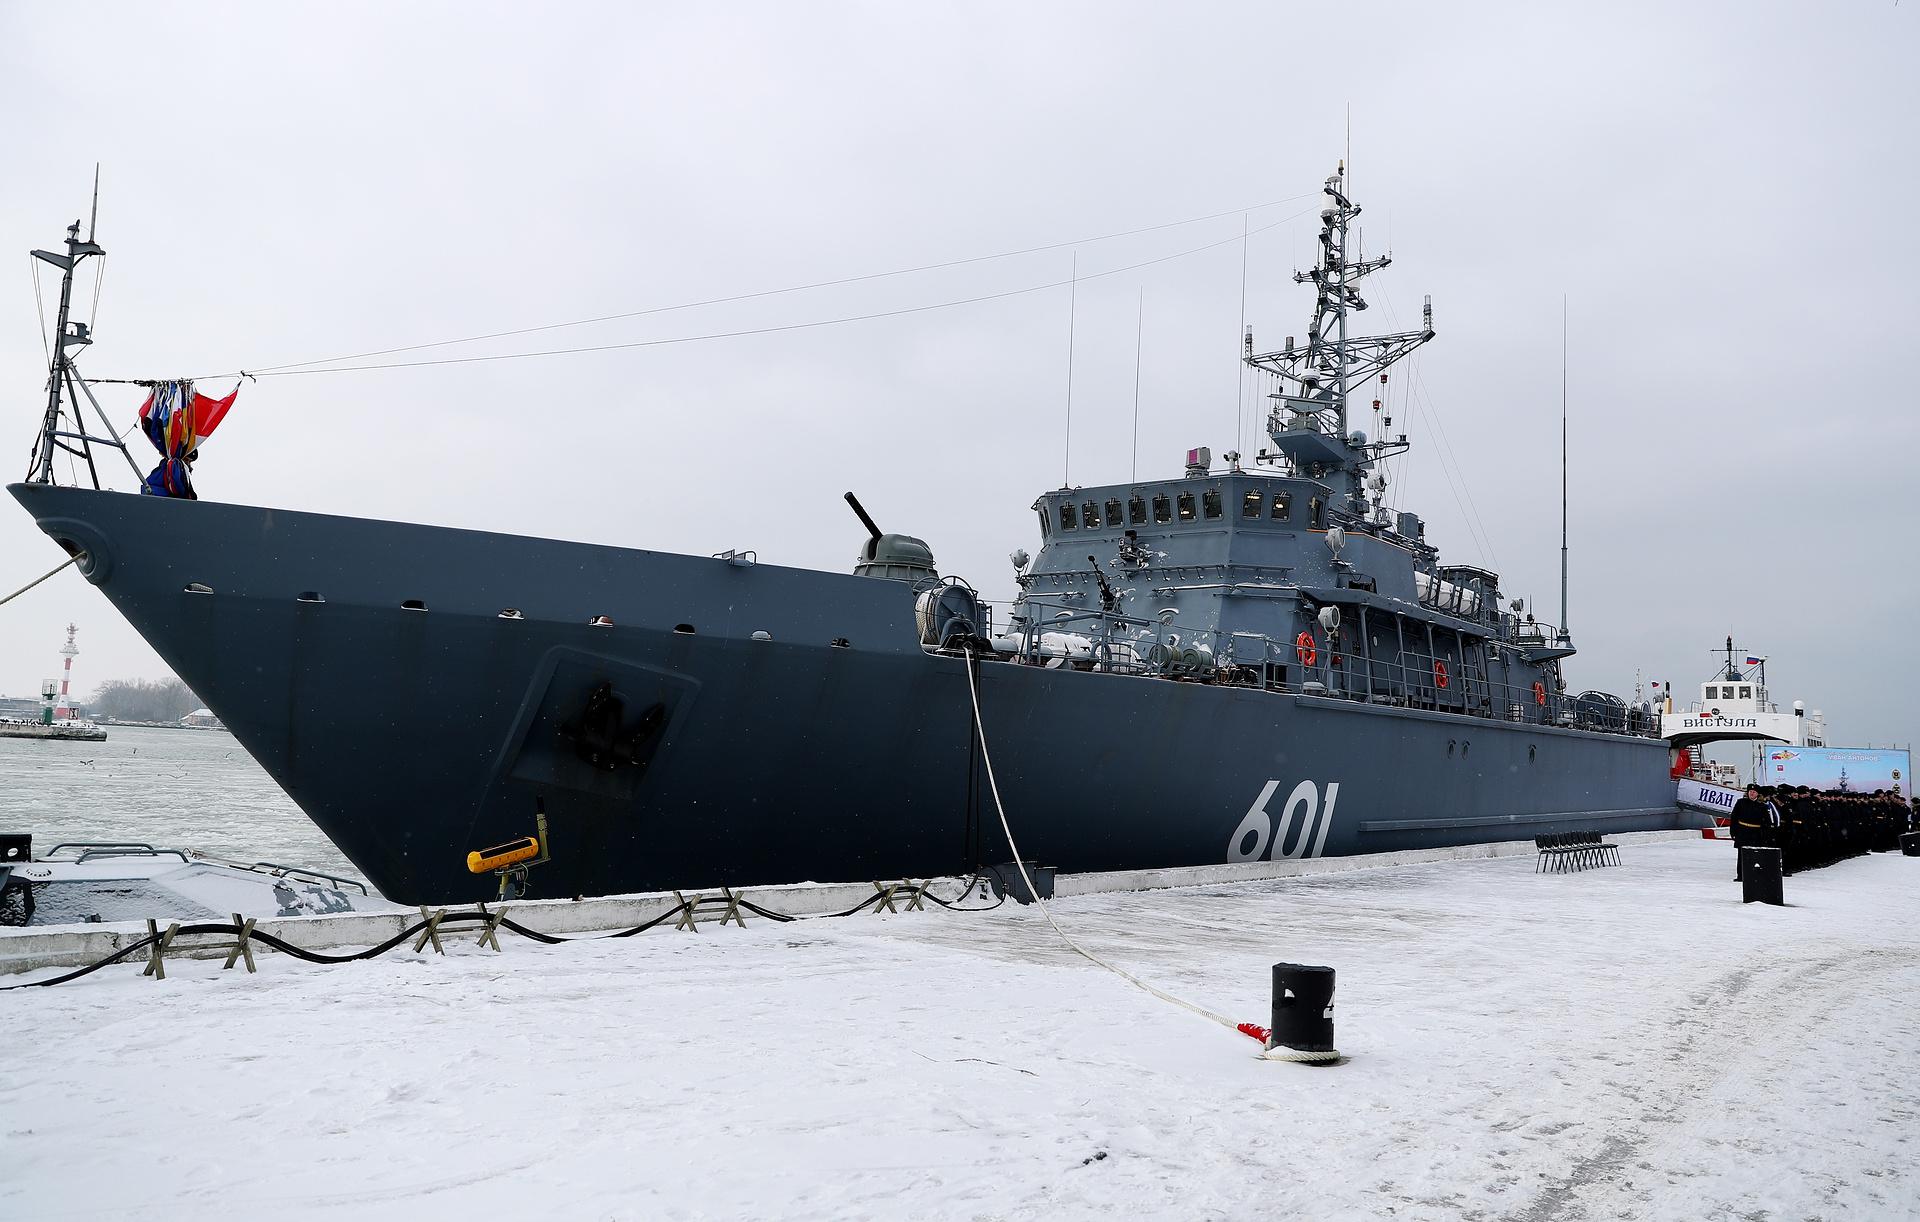 Тральщик «Иван Антонов» введен в строй ВМФ России